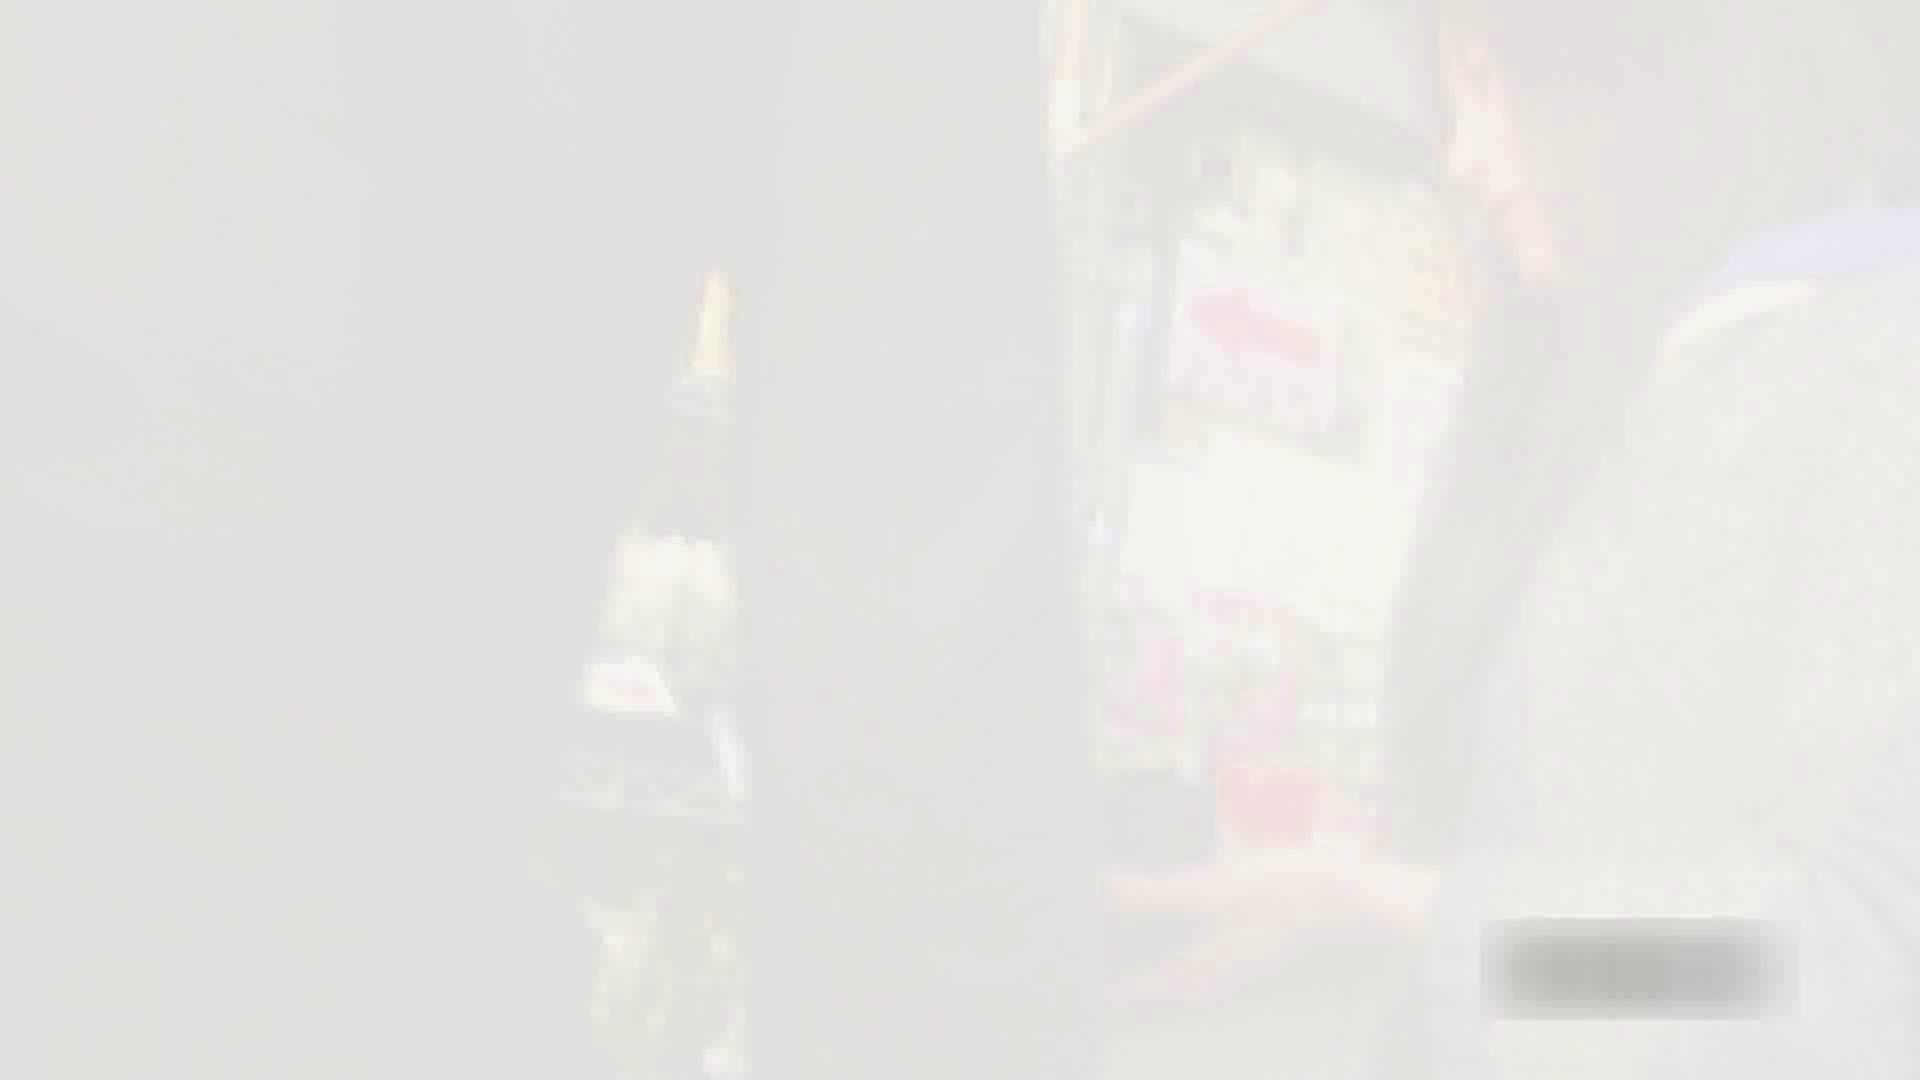 お姉さんの恥便所盗撮! Vol.4 お姉さん丸裸 エロ無料画像 76pic 75